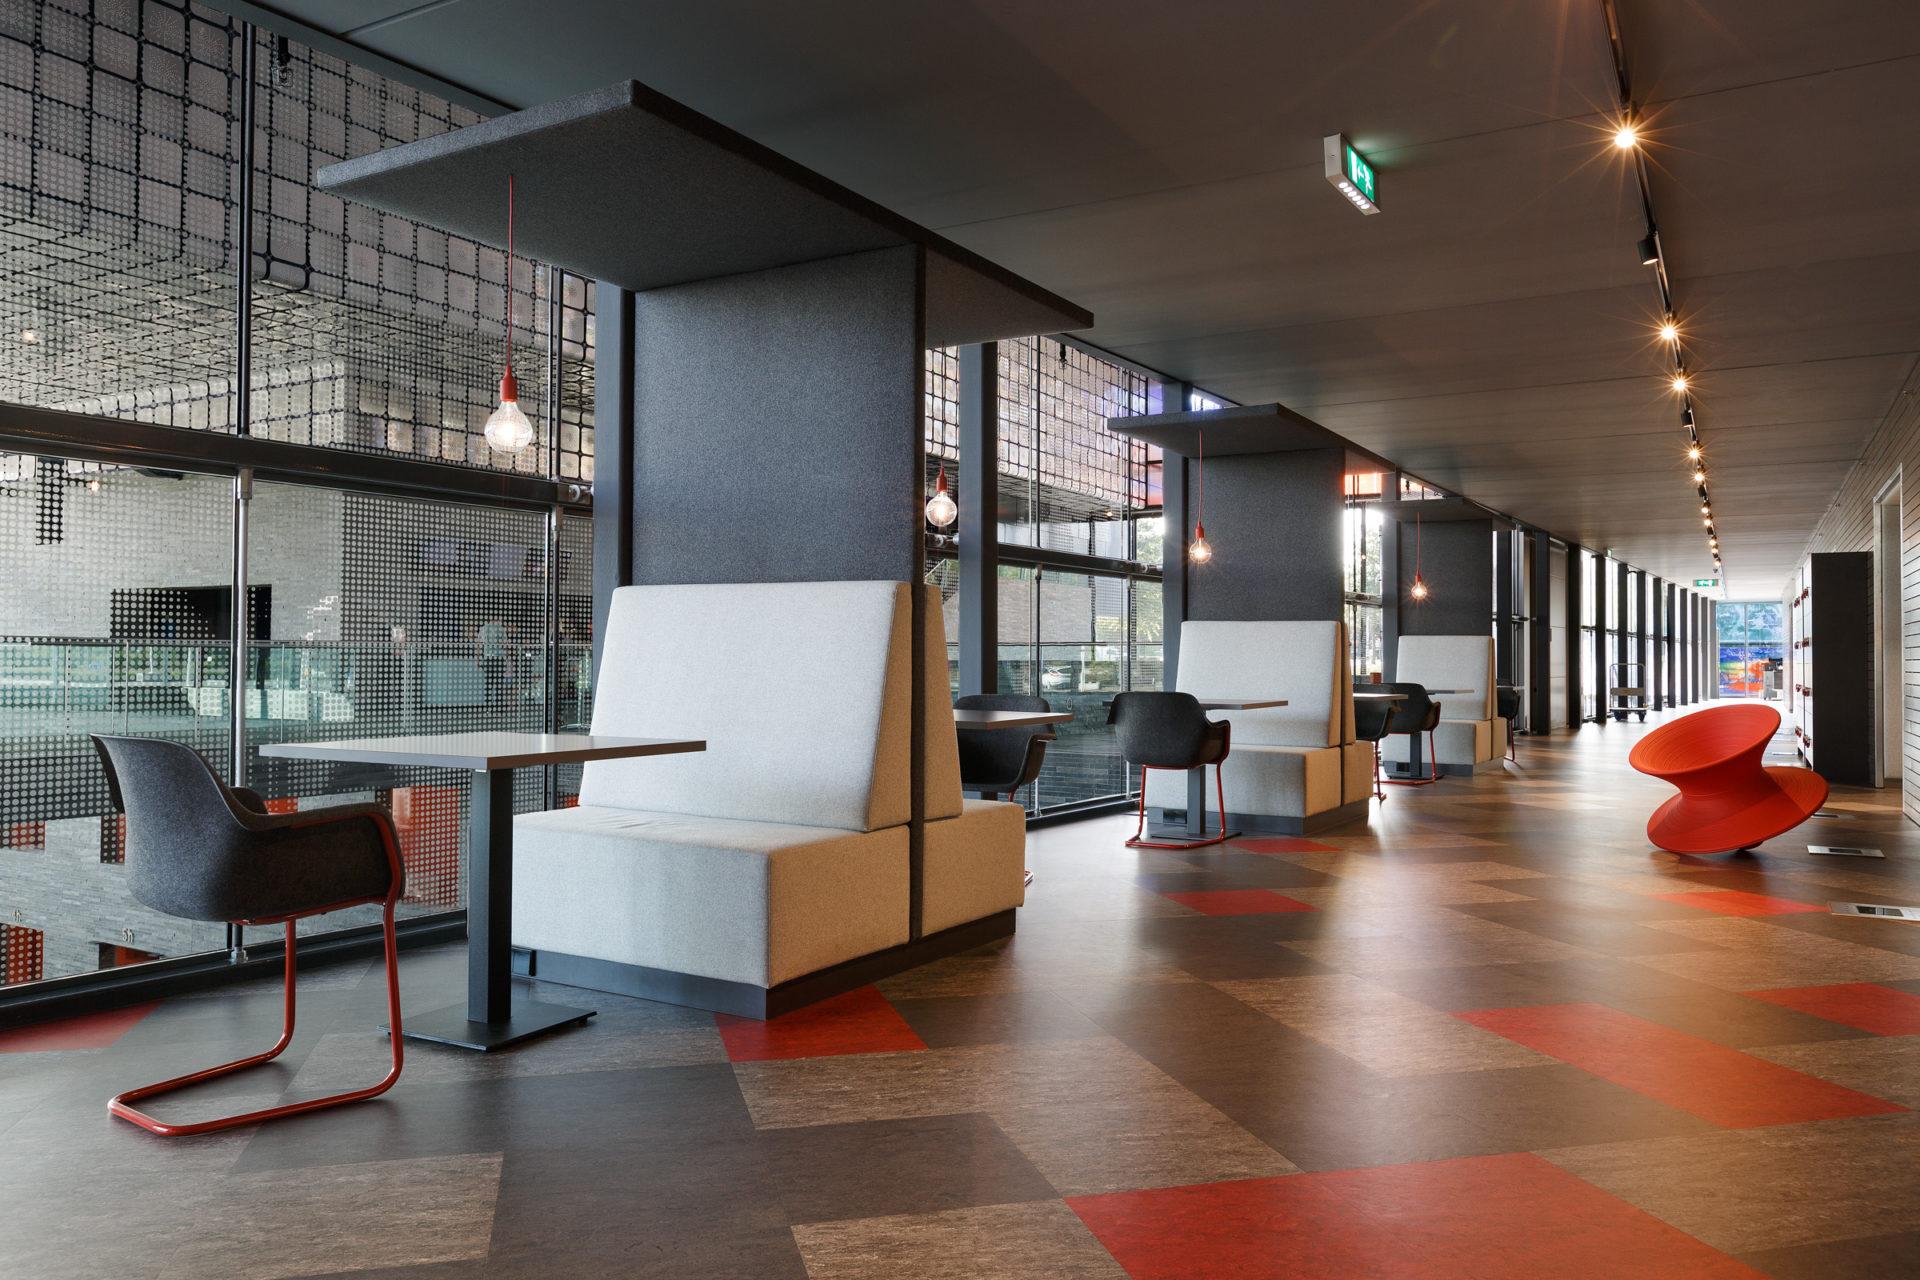 Topperprojecten - Nederlands Instituut voor Beeld en Geluid 22